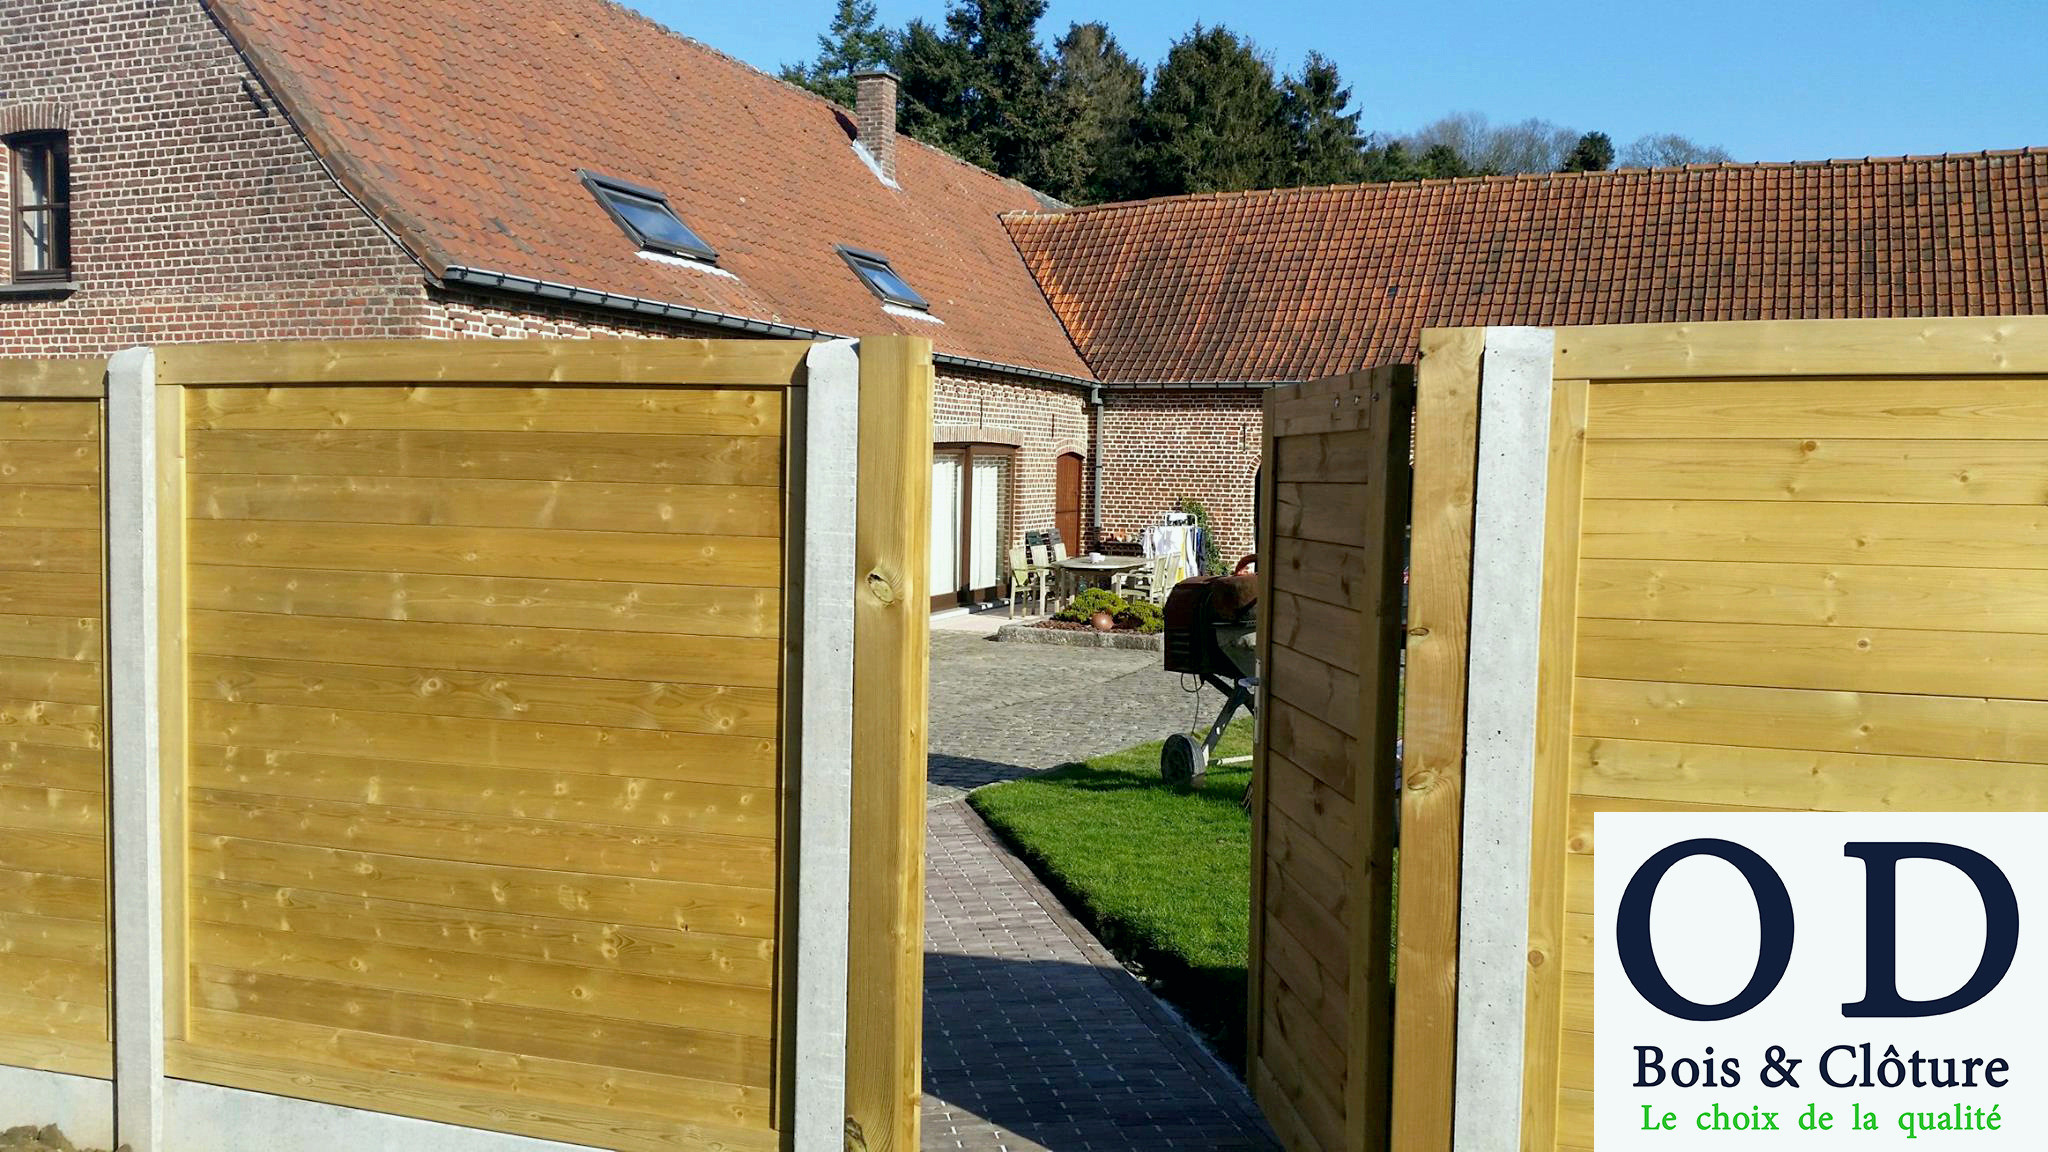 Cabane En Bois Pas Cher Unique Photographie Leroy Merlin Cabane De Jardin Unique Leroy Merlin Cloture Jardin